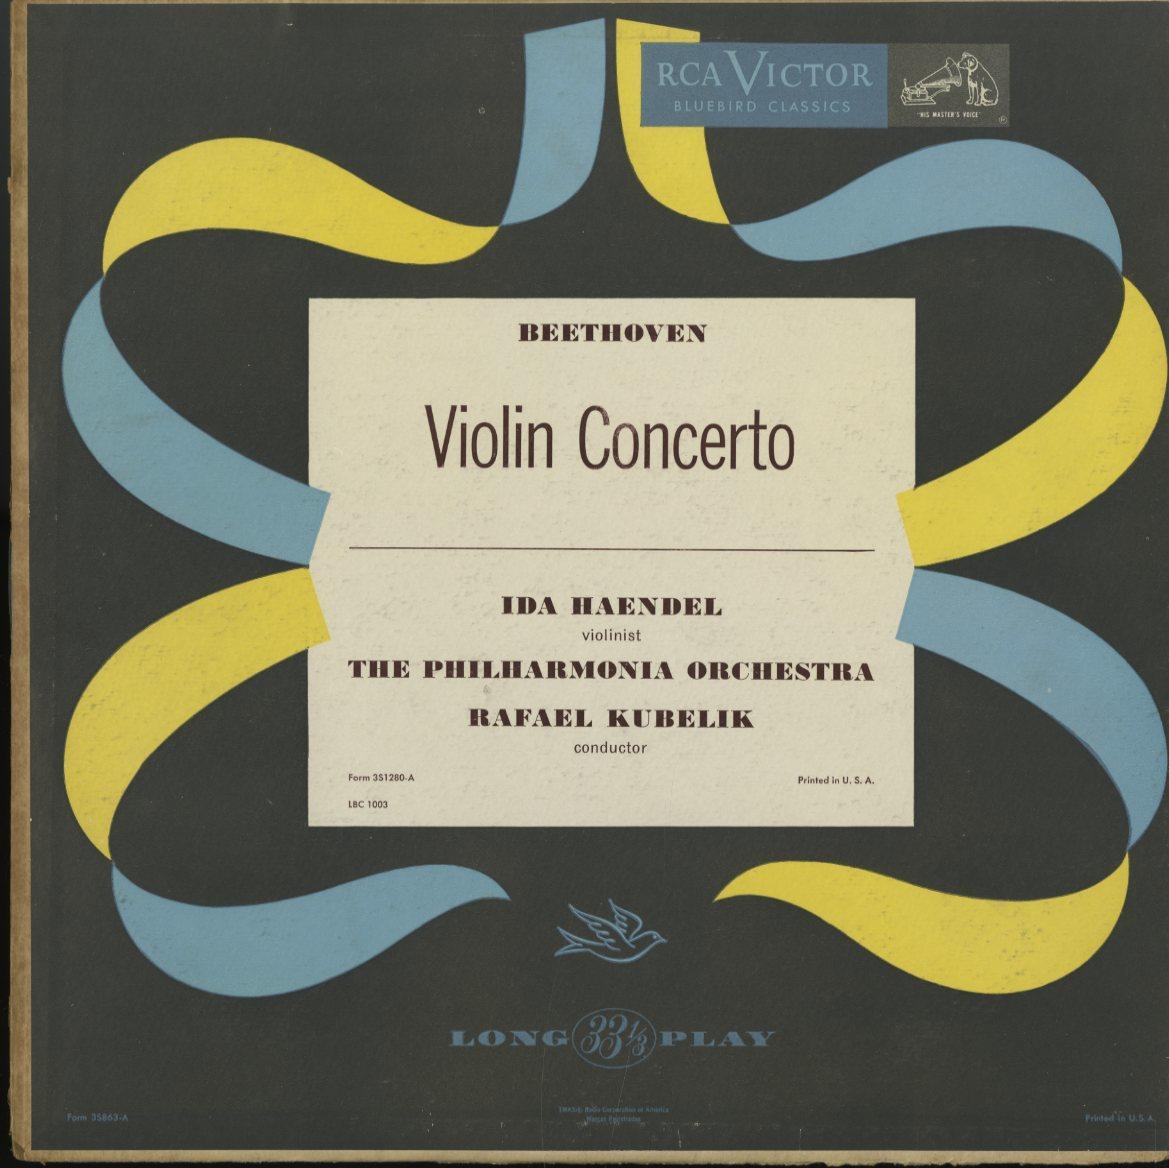 米 RCA Bluebird イダ・ヘンデル クーベリック ベートーヴェン バルビローリ ヤン・スメテルリン ブラームス アマデウス弦楽四重奏団 4LP_画像1